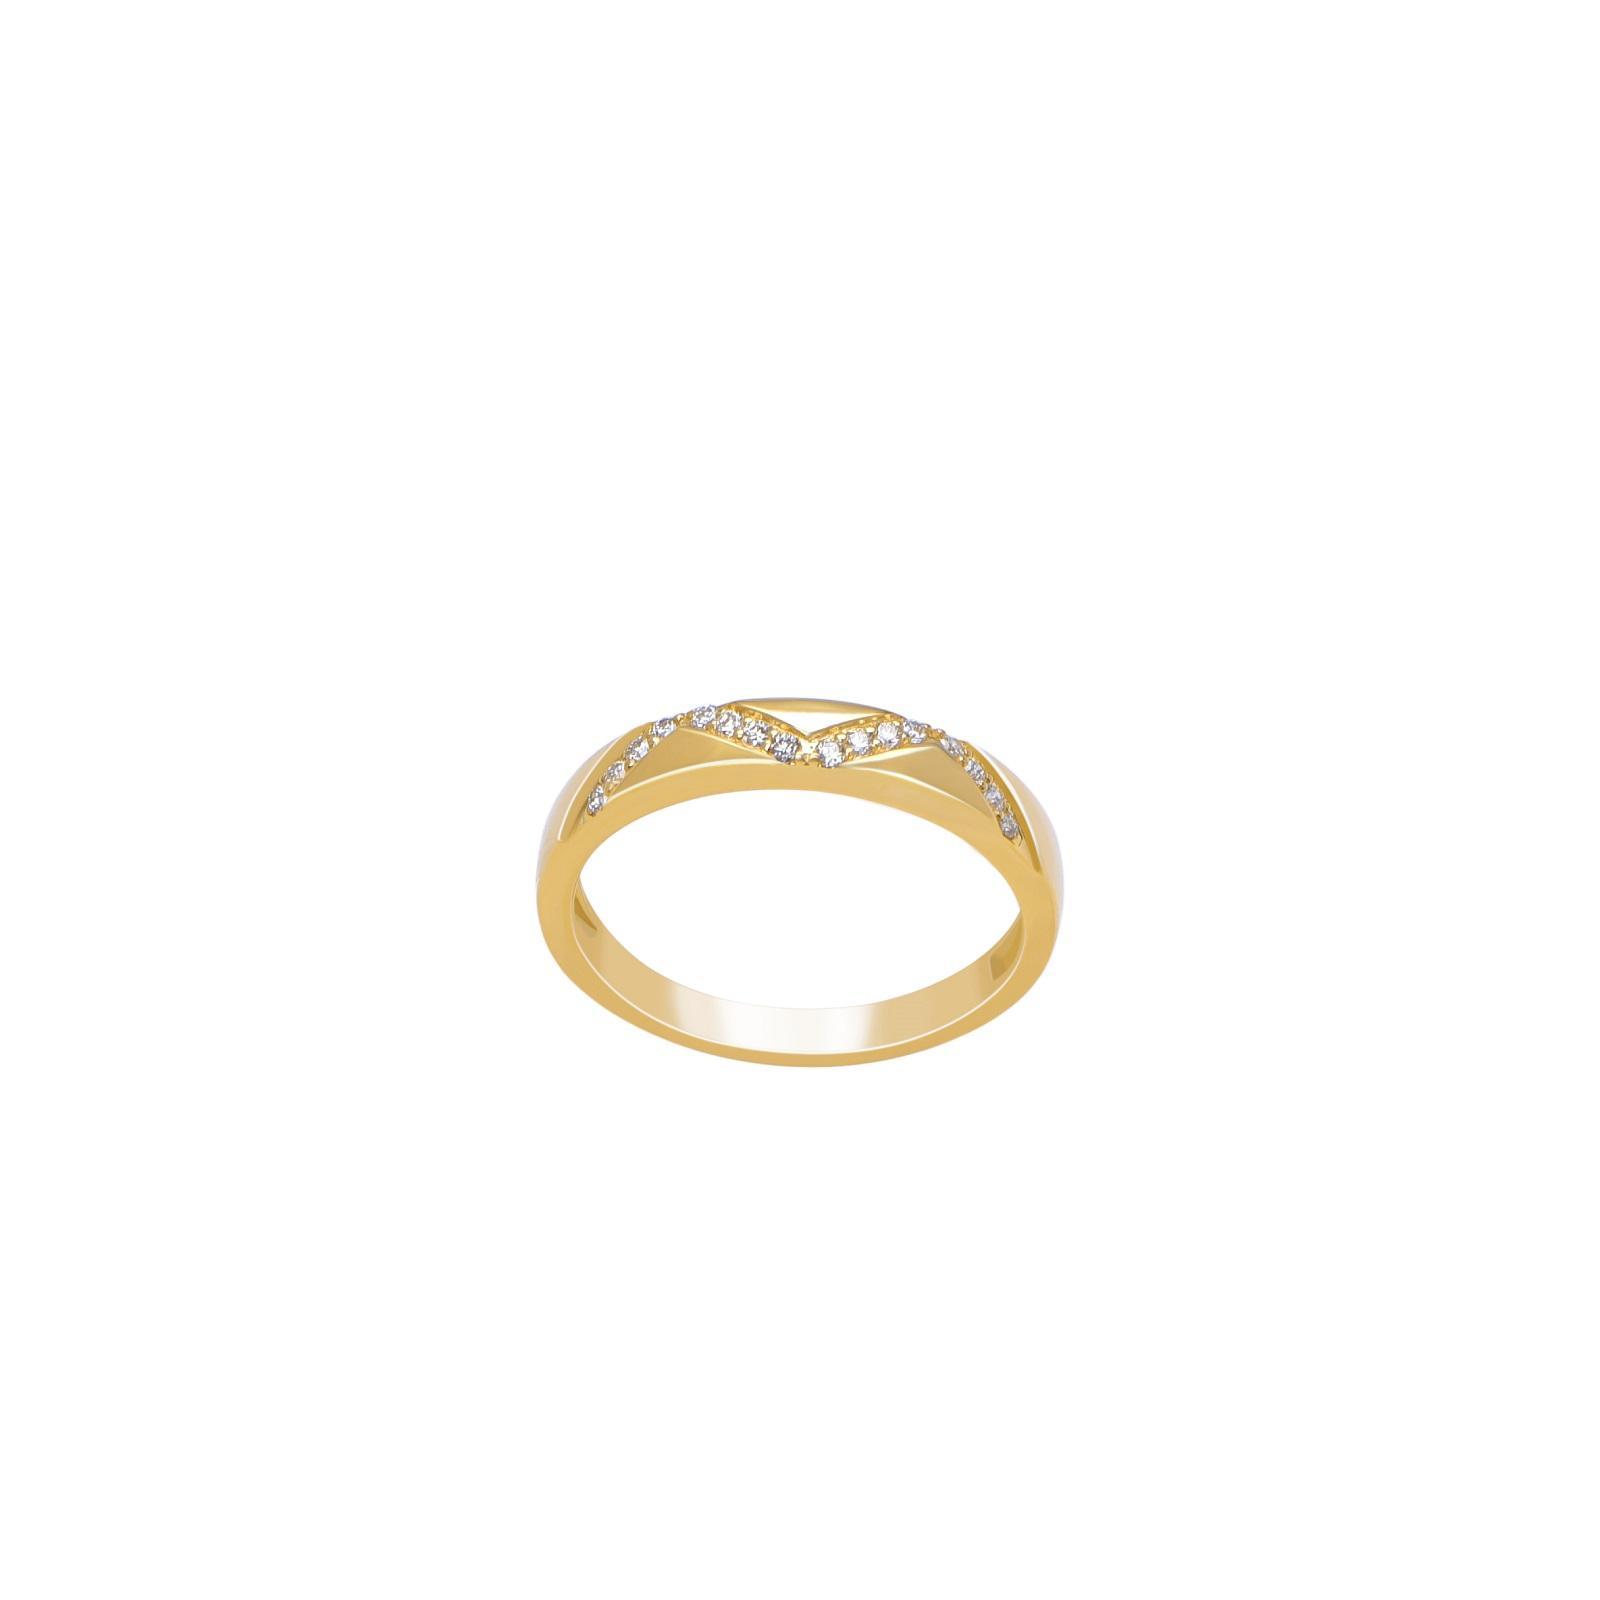 Nhẫn cưới Kim cương nữ 21Q.017NC